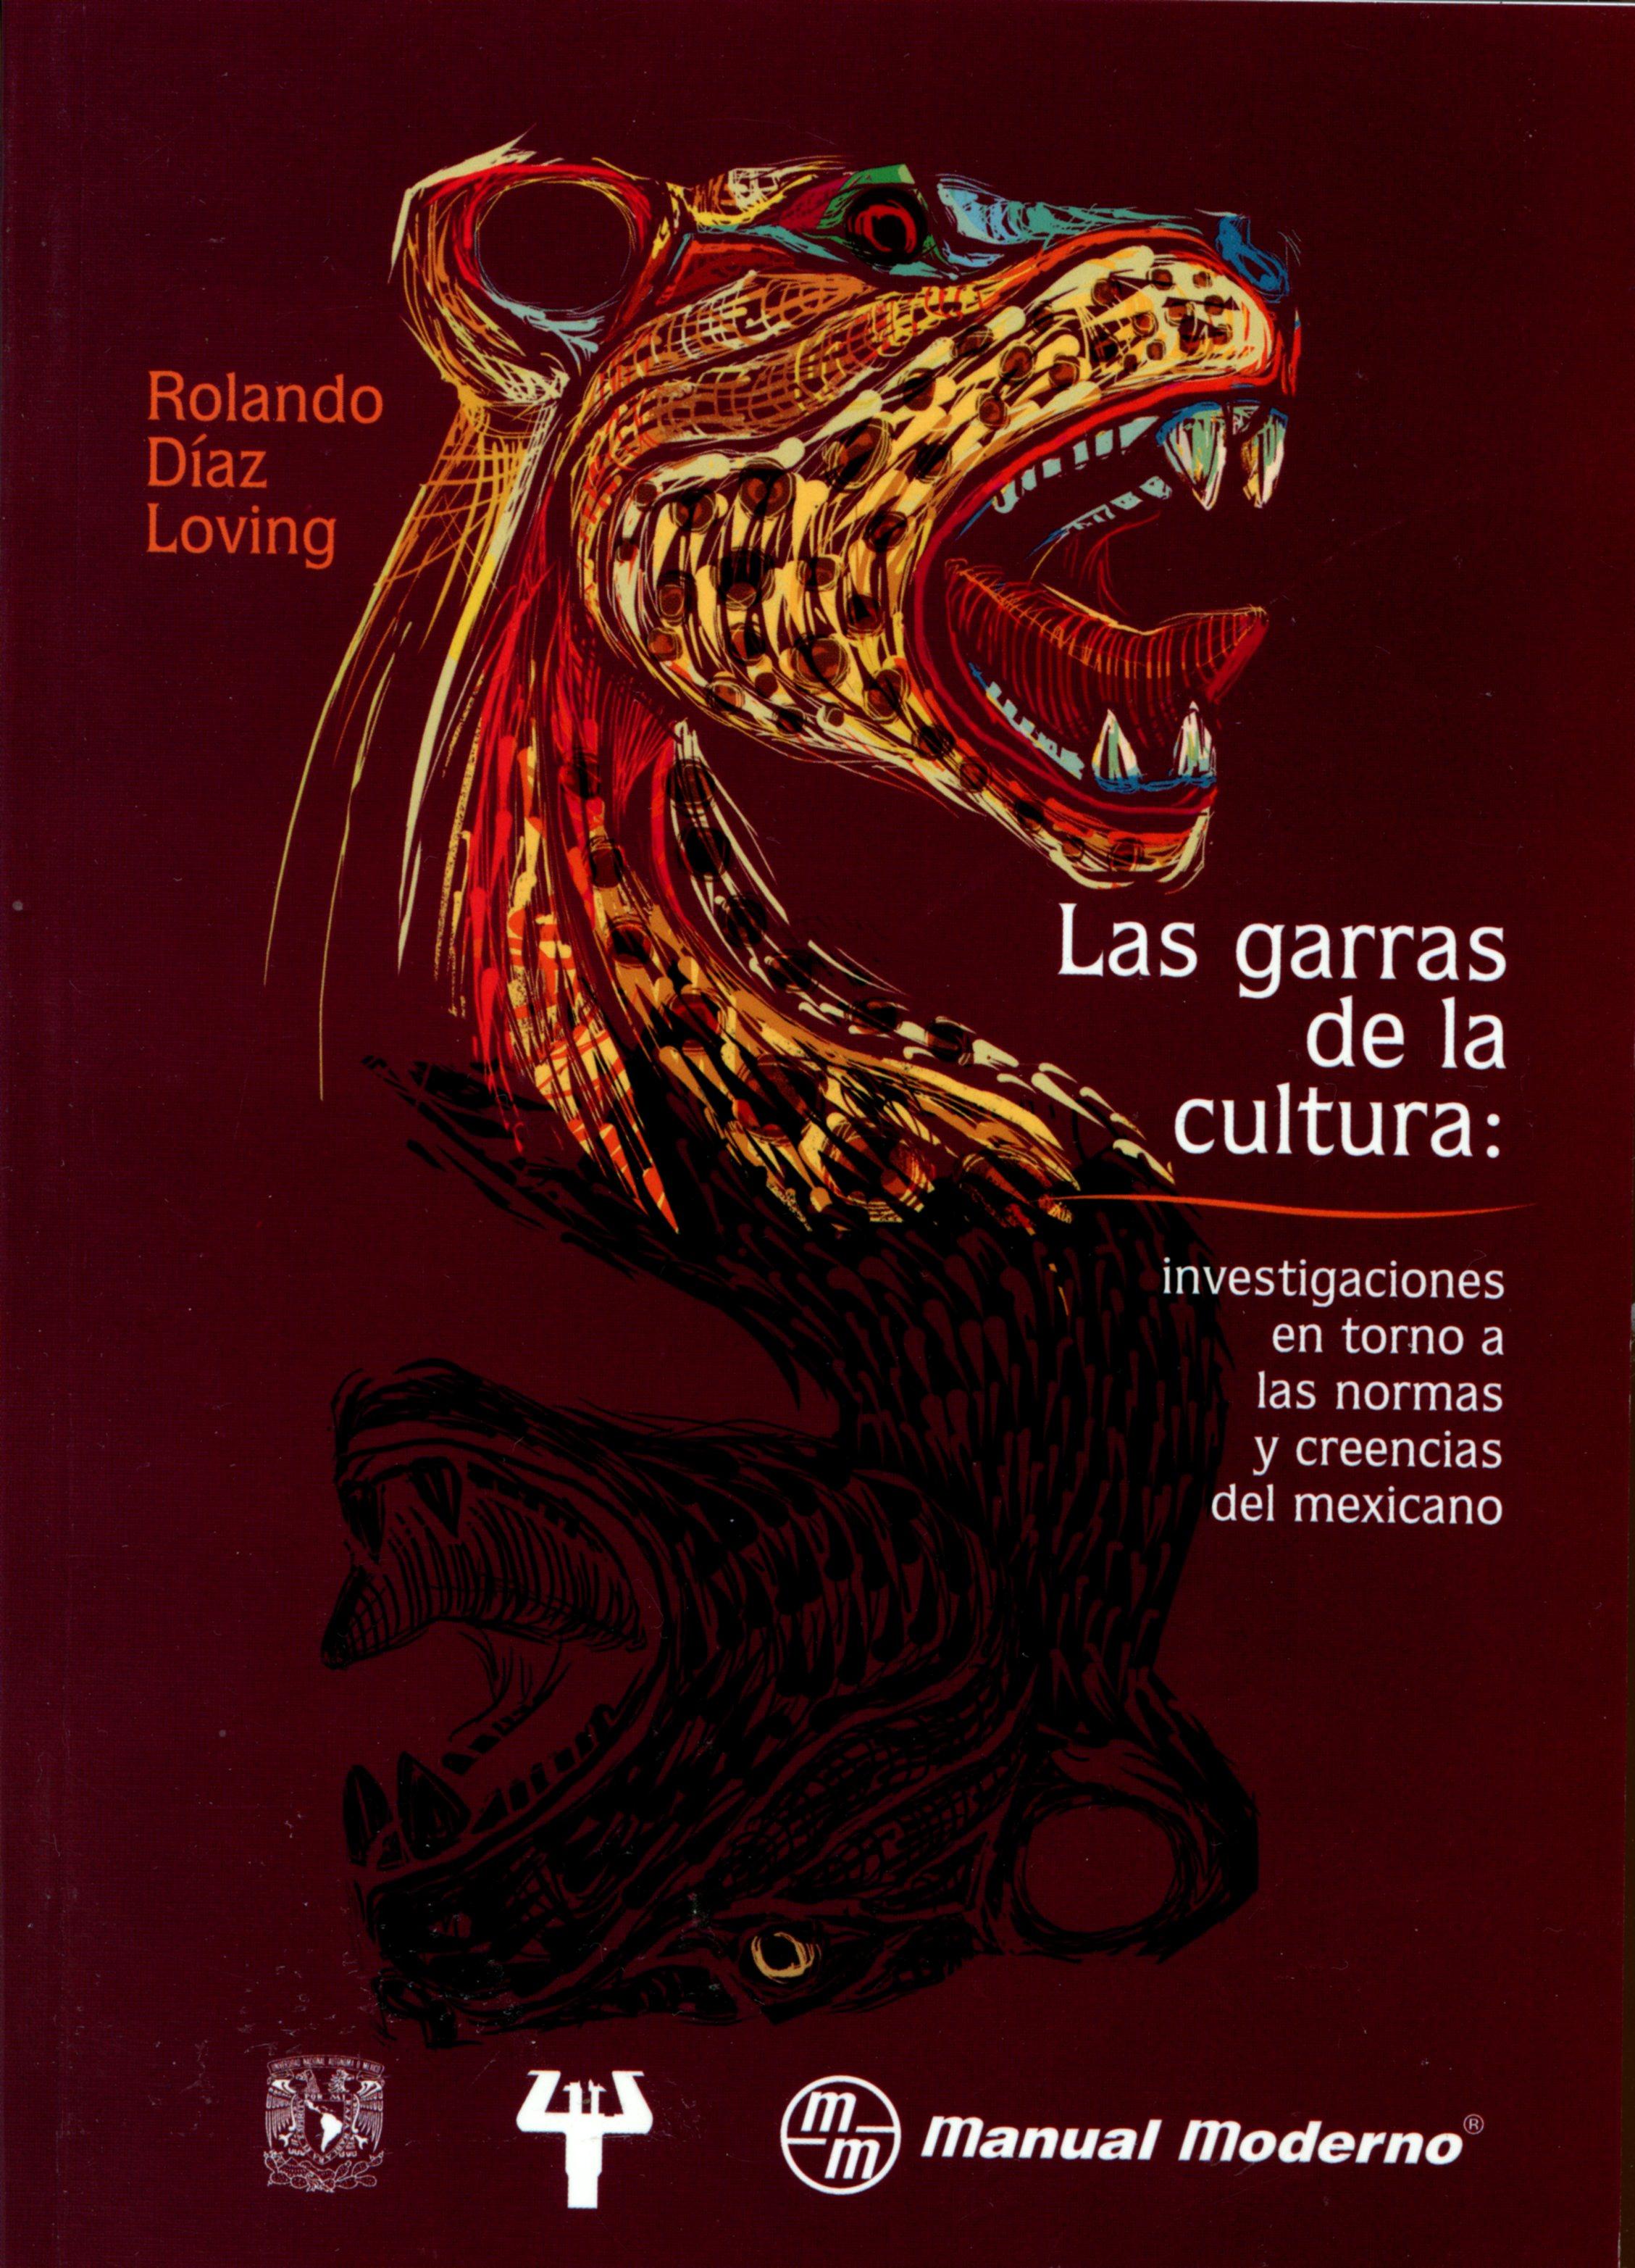 Las garras de la cultura: investigaciones en torno a las normas y creencias del mexicano